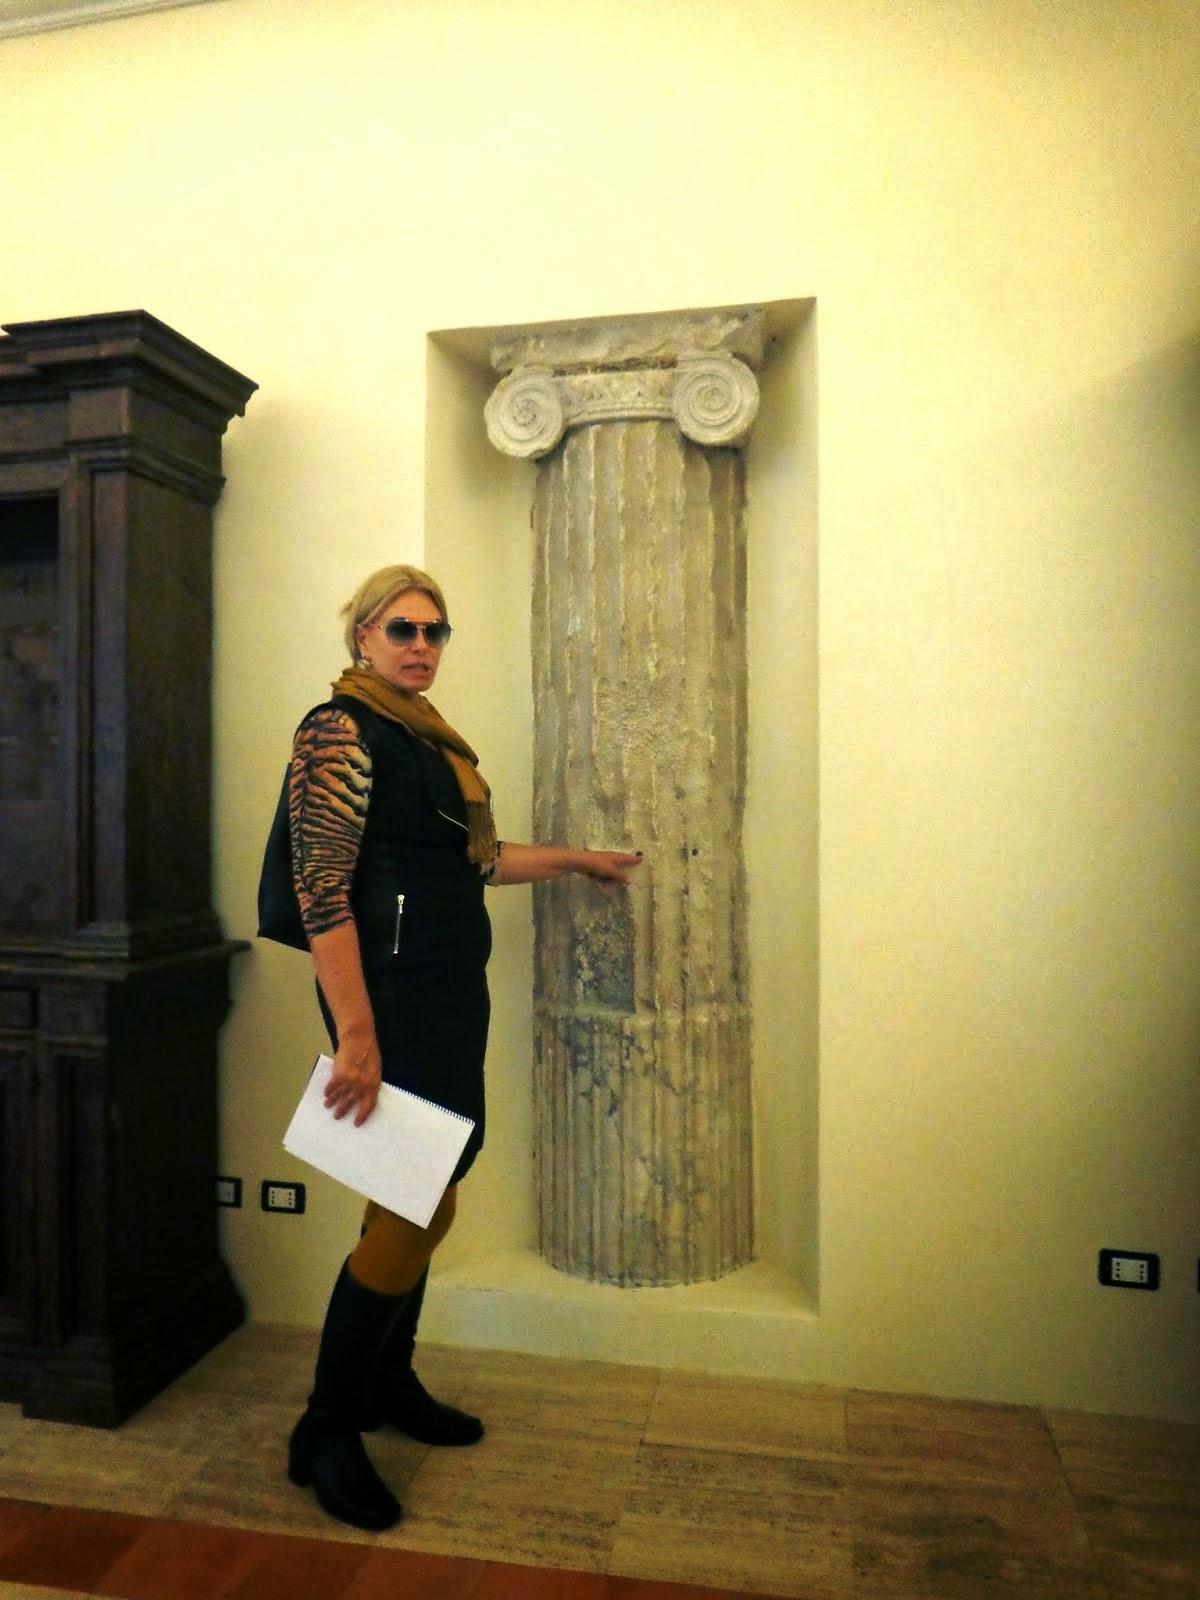 Devido à sua formação em arquitetura, Sandra Gorski Rego nos apresentava os detalhes do Palazzo, sempre nos munindo de informações referentes à arquitetura do local. Acima, a coluna jônica descoberta dentro do Palazzo Cenci.